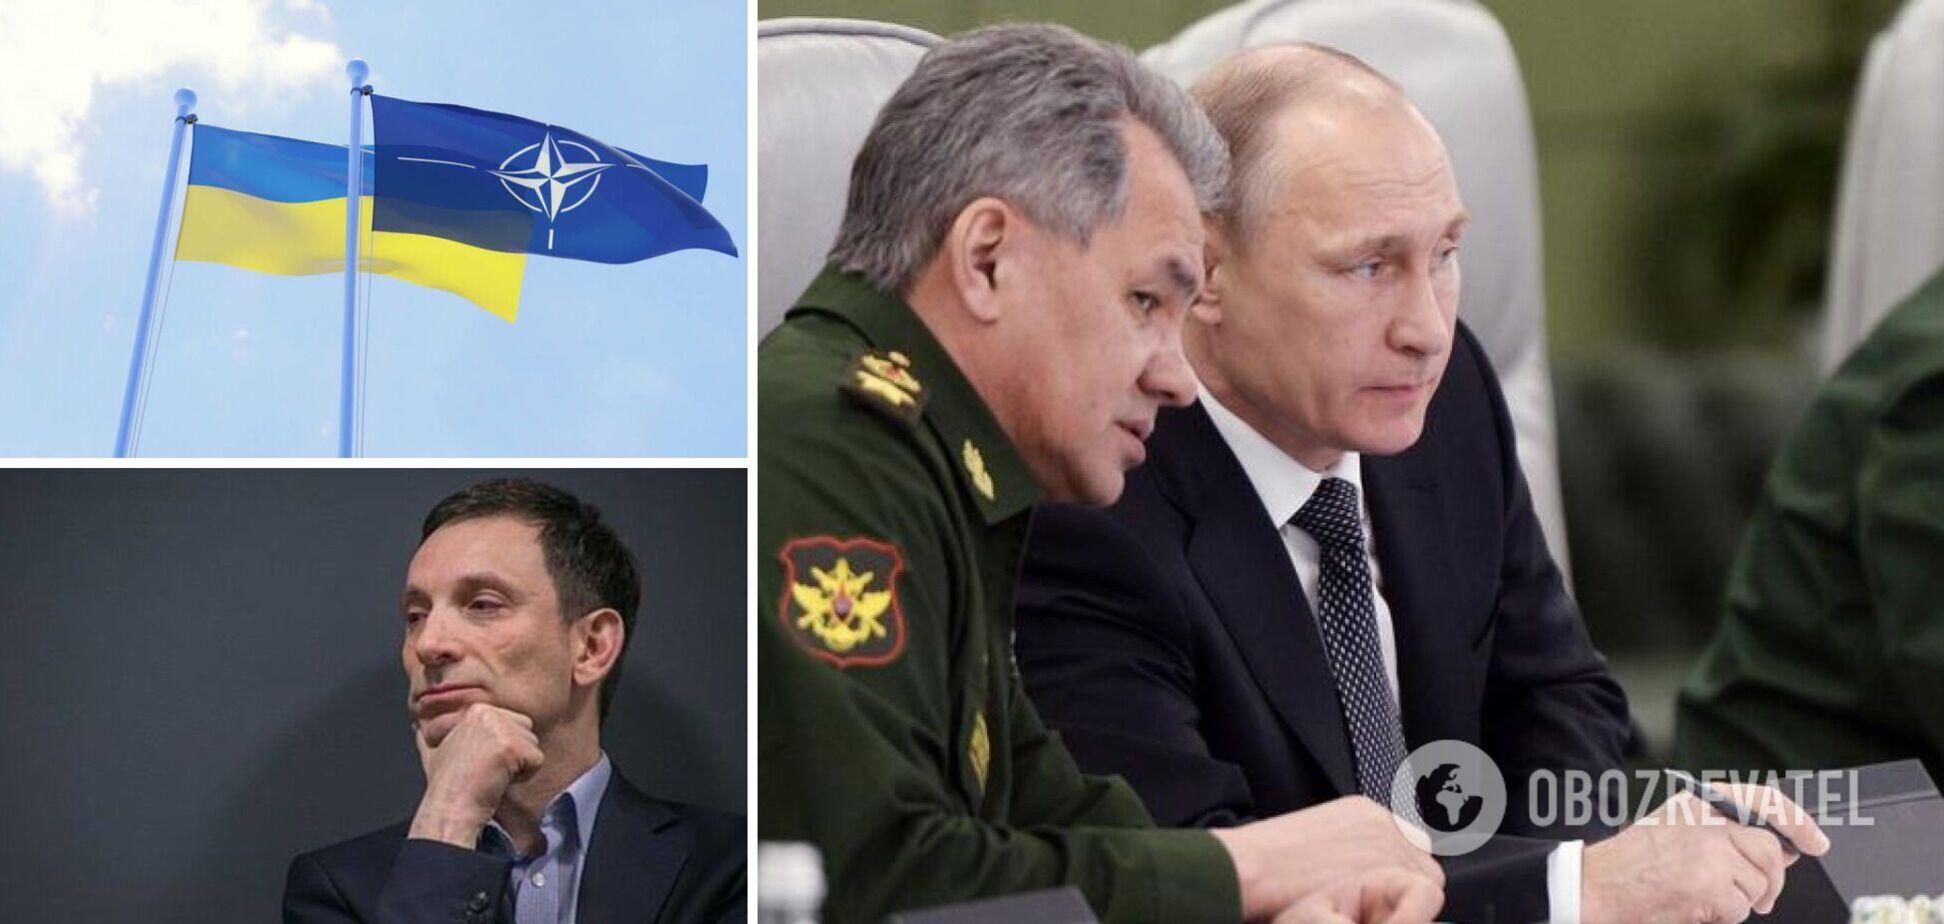 Портников: Україна в НАТО для Кремля – червона лінія, вони готові вдаватися до сили